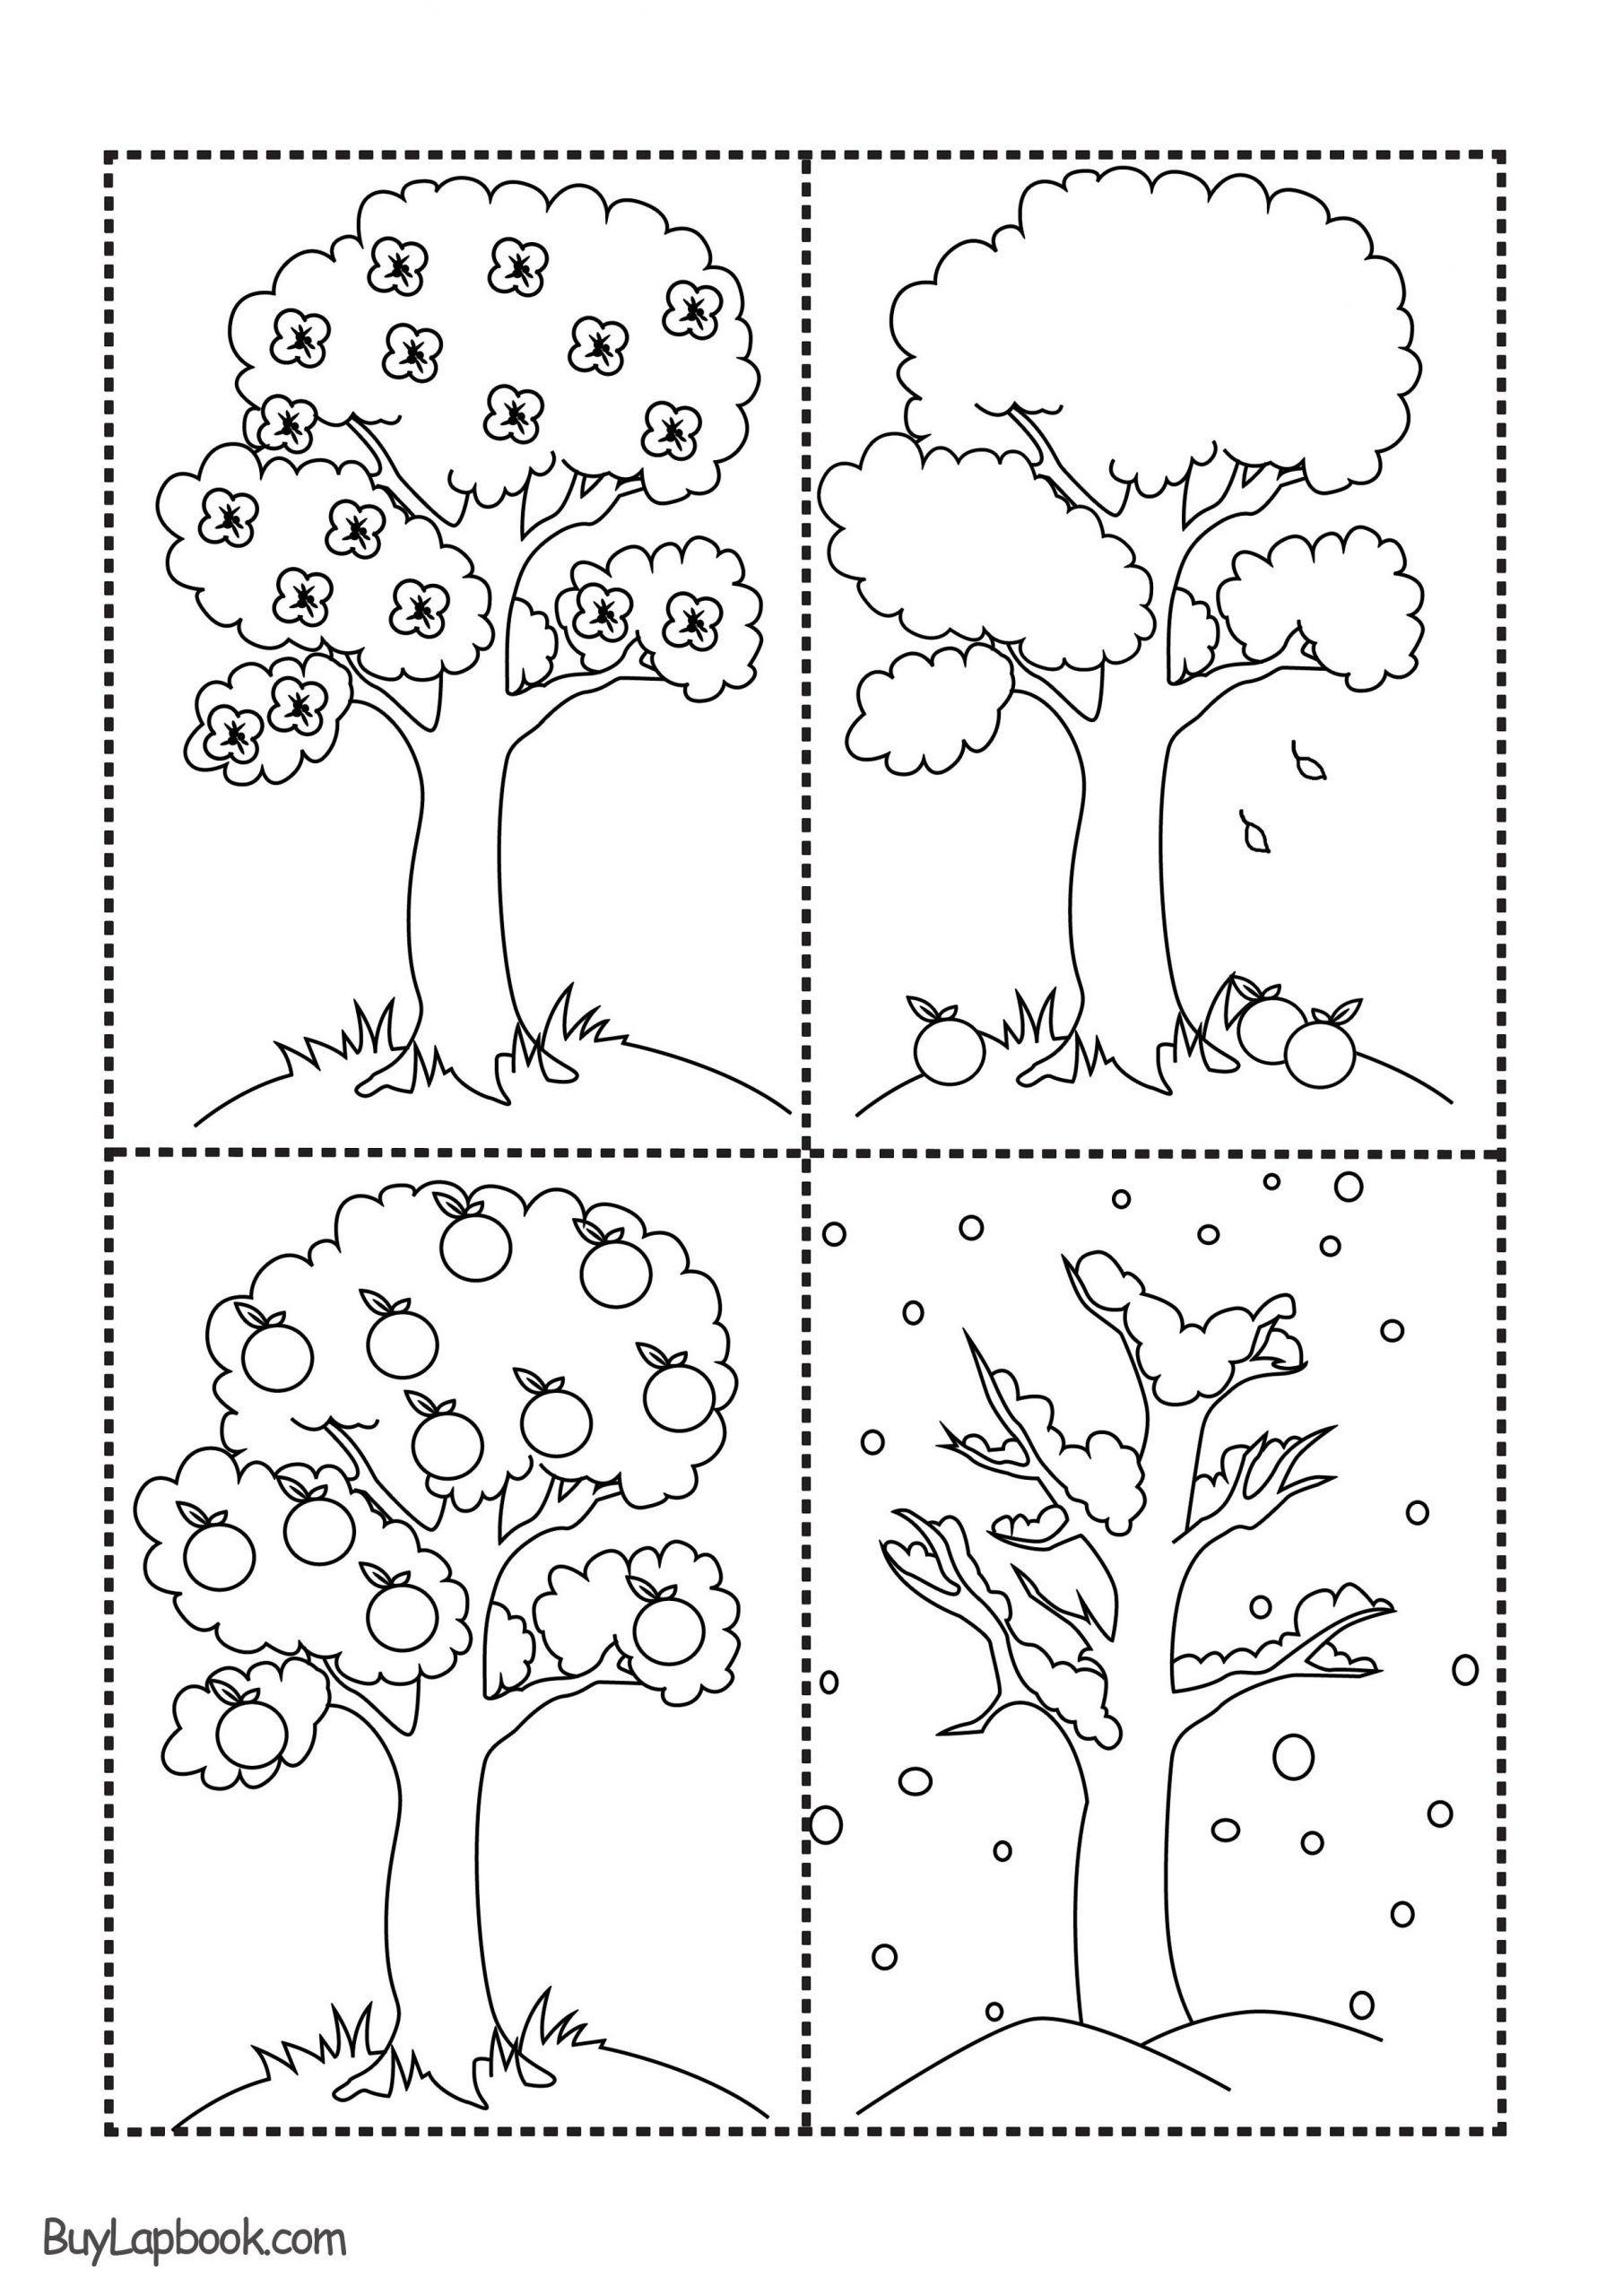 Tree Worksheets For Kindergarten Worksheet For Kindergarten Seasons Worksheets Seasons Kindergarten Kindergarten Worksheets Free printable seasons worksheets